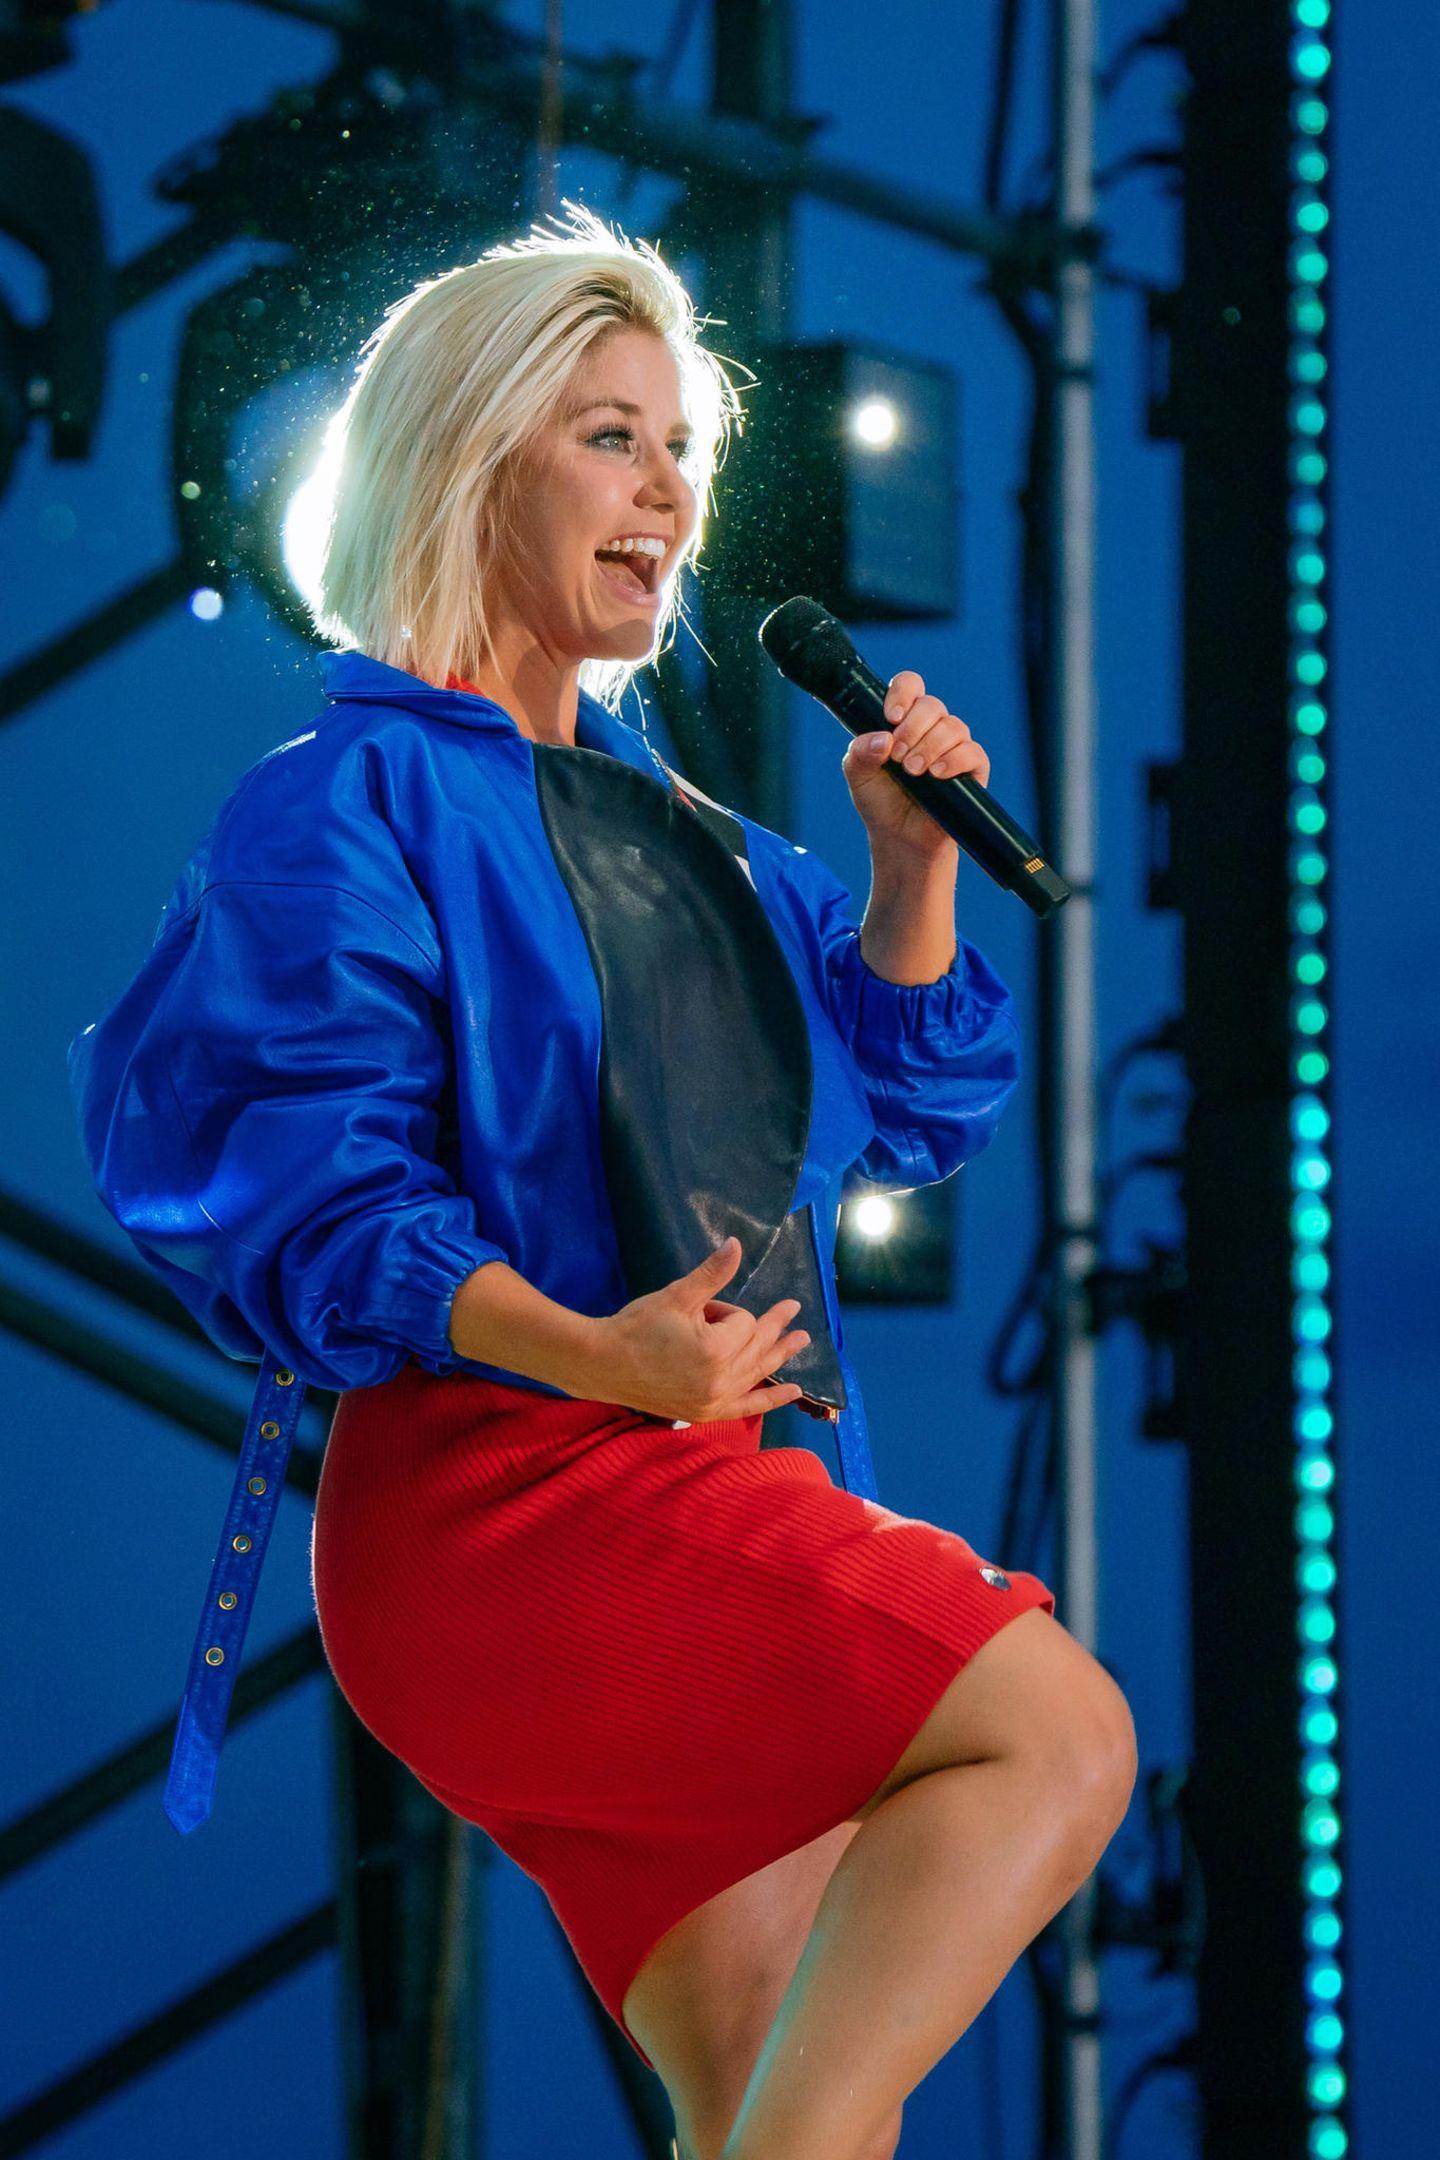 Mit ihrer leidenschaftlichen Performance heizt Beatrice Egli ihren Fans in Karlsruhe ordentlich ein. Das Besondere: Die Sängerin gibt erstmals ein Autokino-Konzert und trägt zu diesem Anlass einen Look aus Leder, Reißverschlüssen und Samt.